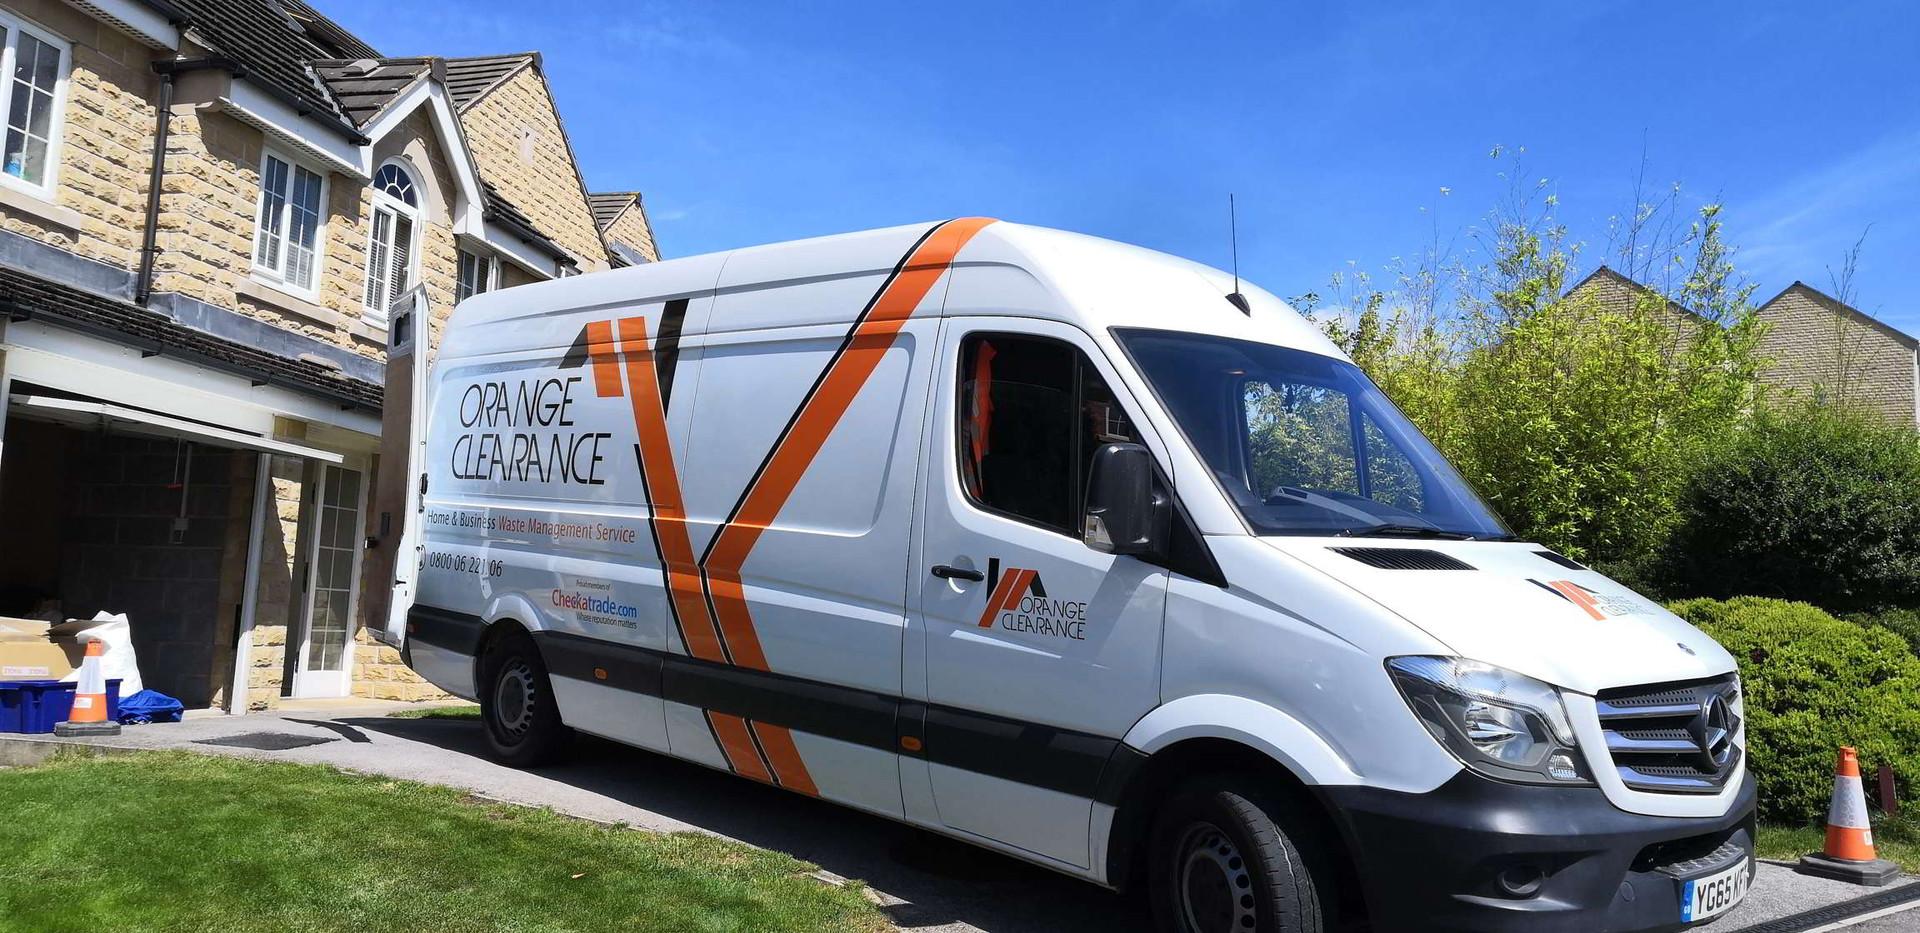 Orange Clearance safe parking